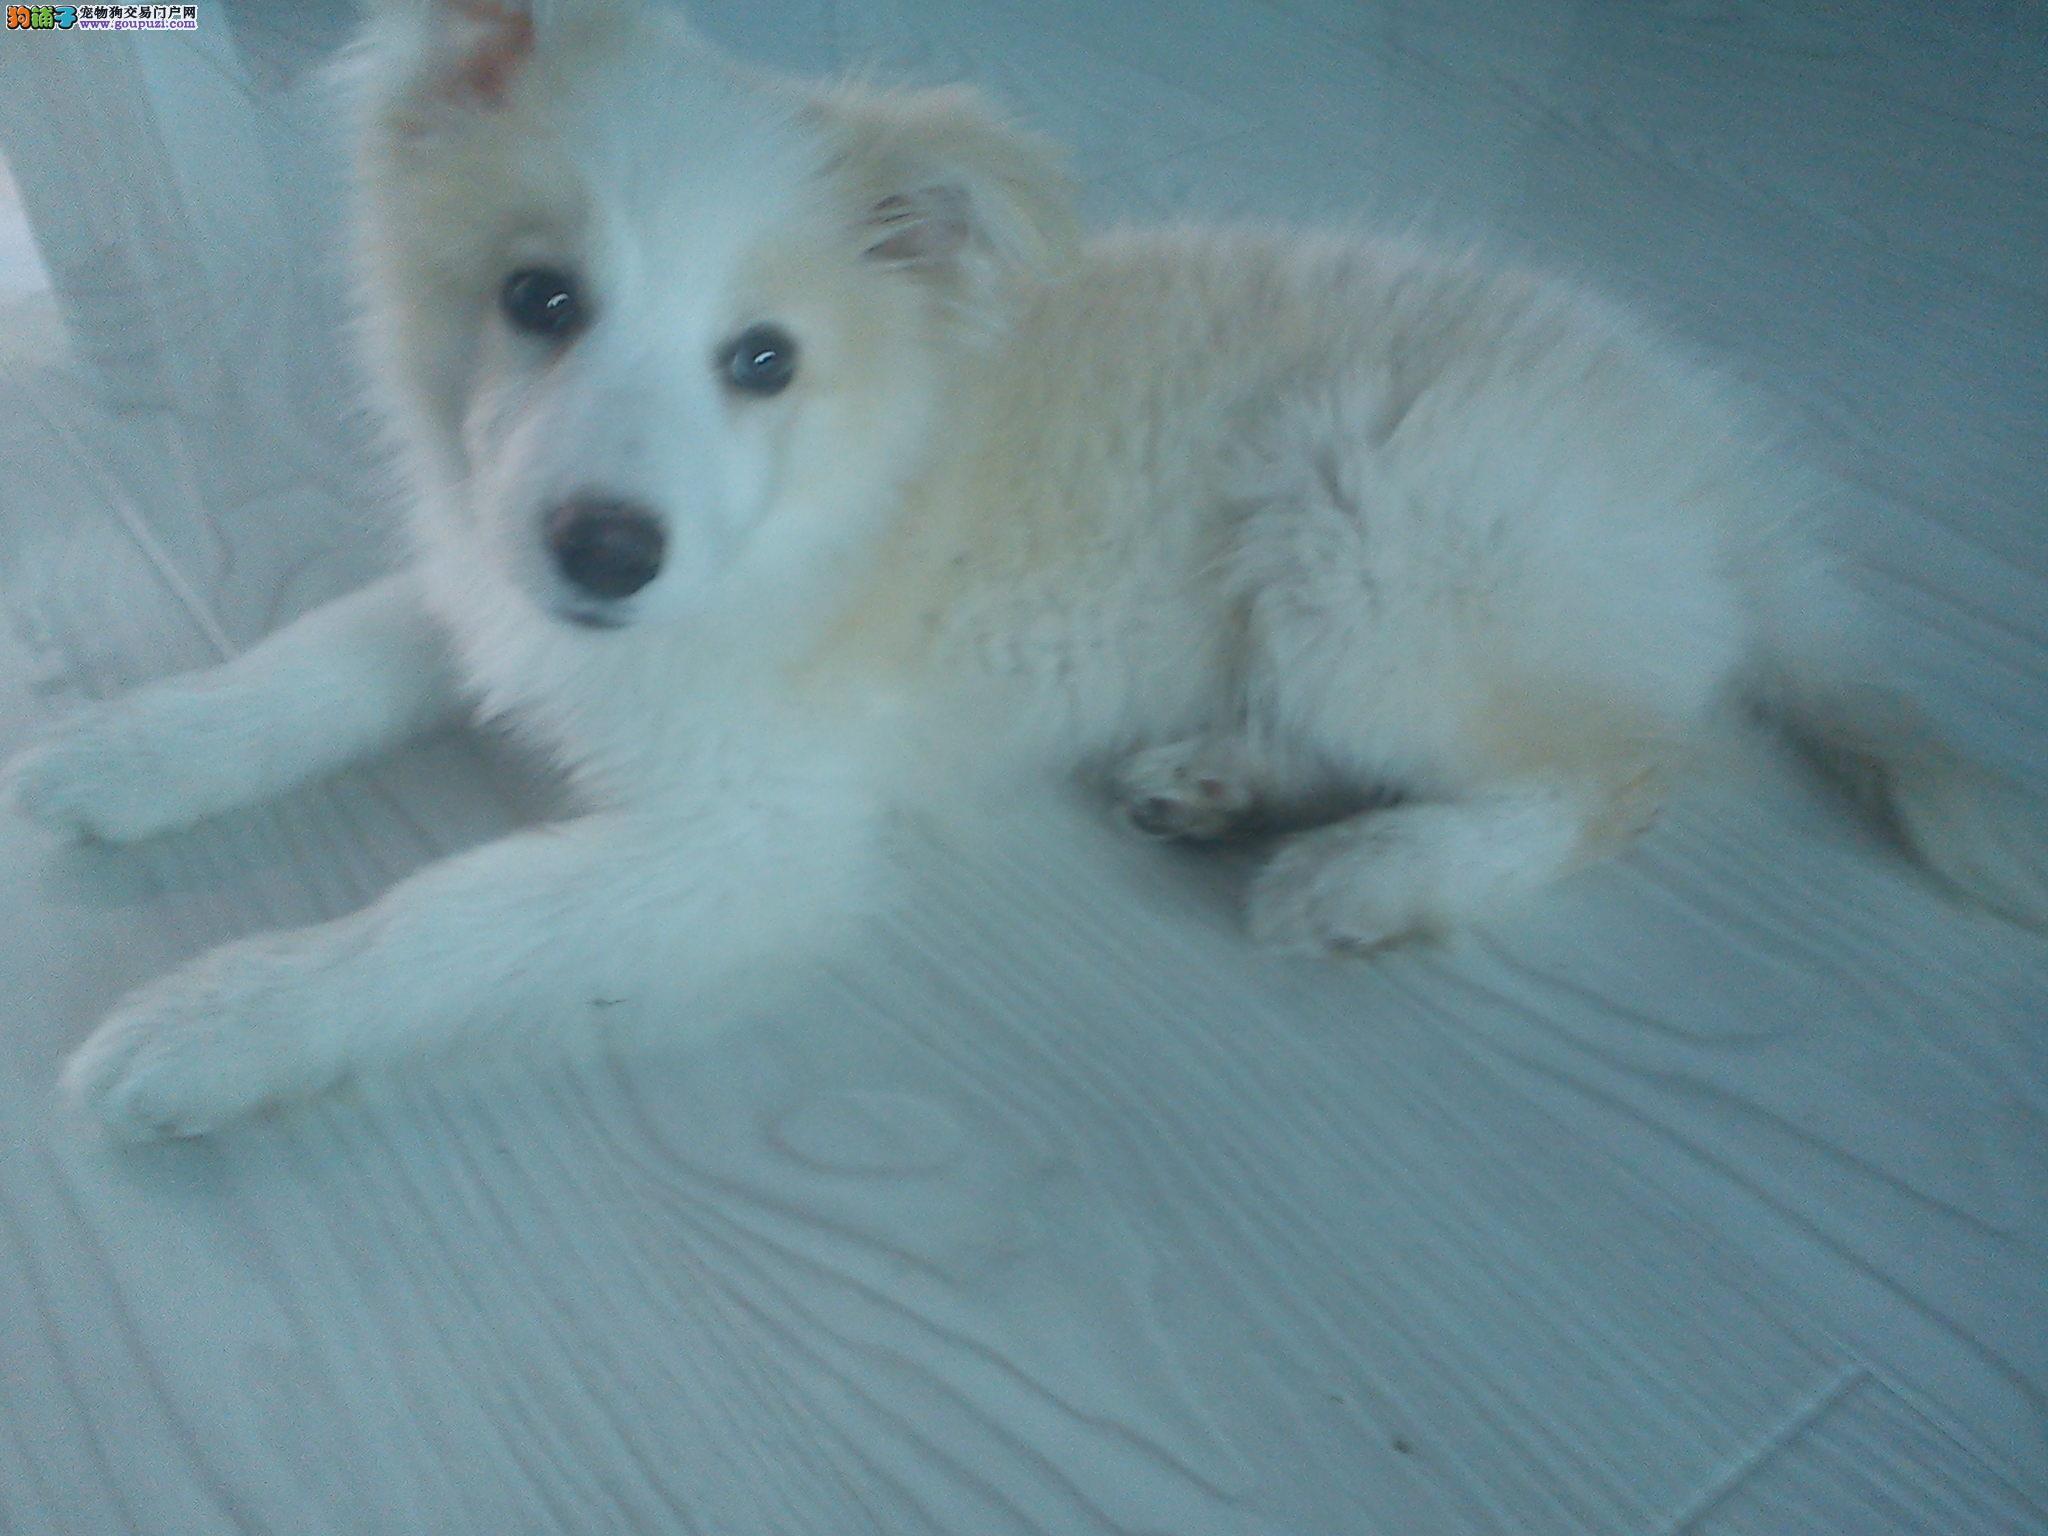 白边/吉林省长春市出售边境牧羊犬 两个月公狗黄白边[两个月公狗]